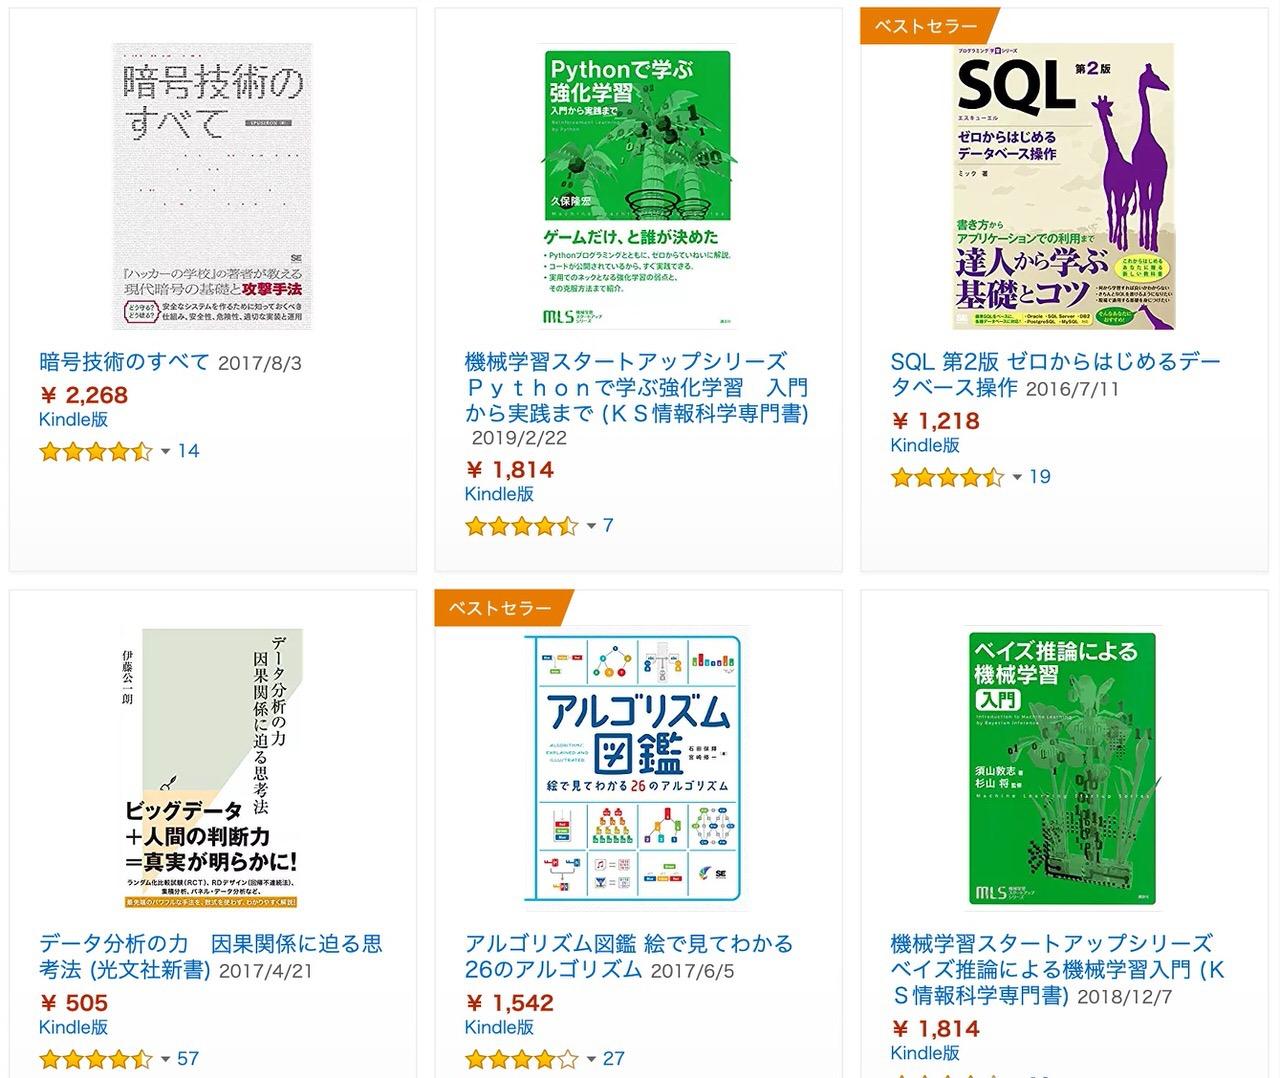 【Kindleセール】600冊以上が対象!最大60%OFF「IT・語学書フェア」(3/28まで)